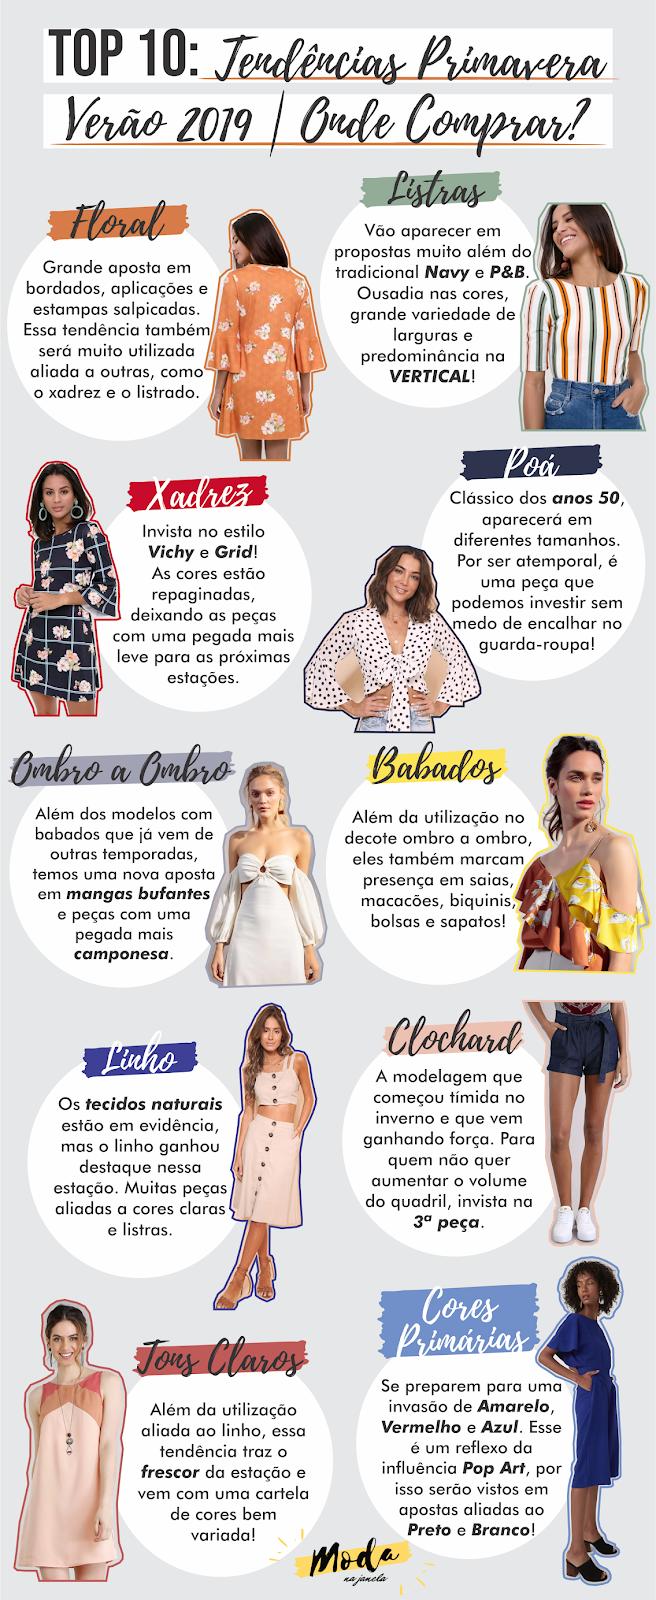 821bed644 As 10 principais tendências da Primavera Verão 2019!  trend  tendências   verão  primavera  2019  moda  linho  listras  floral  clochard  top10